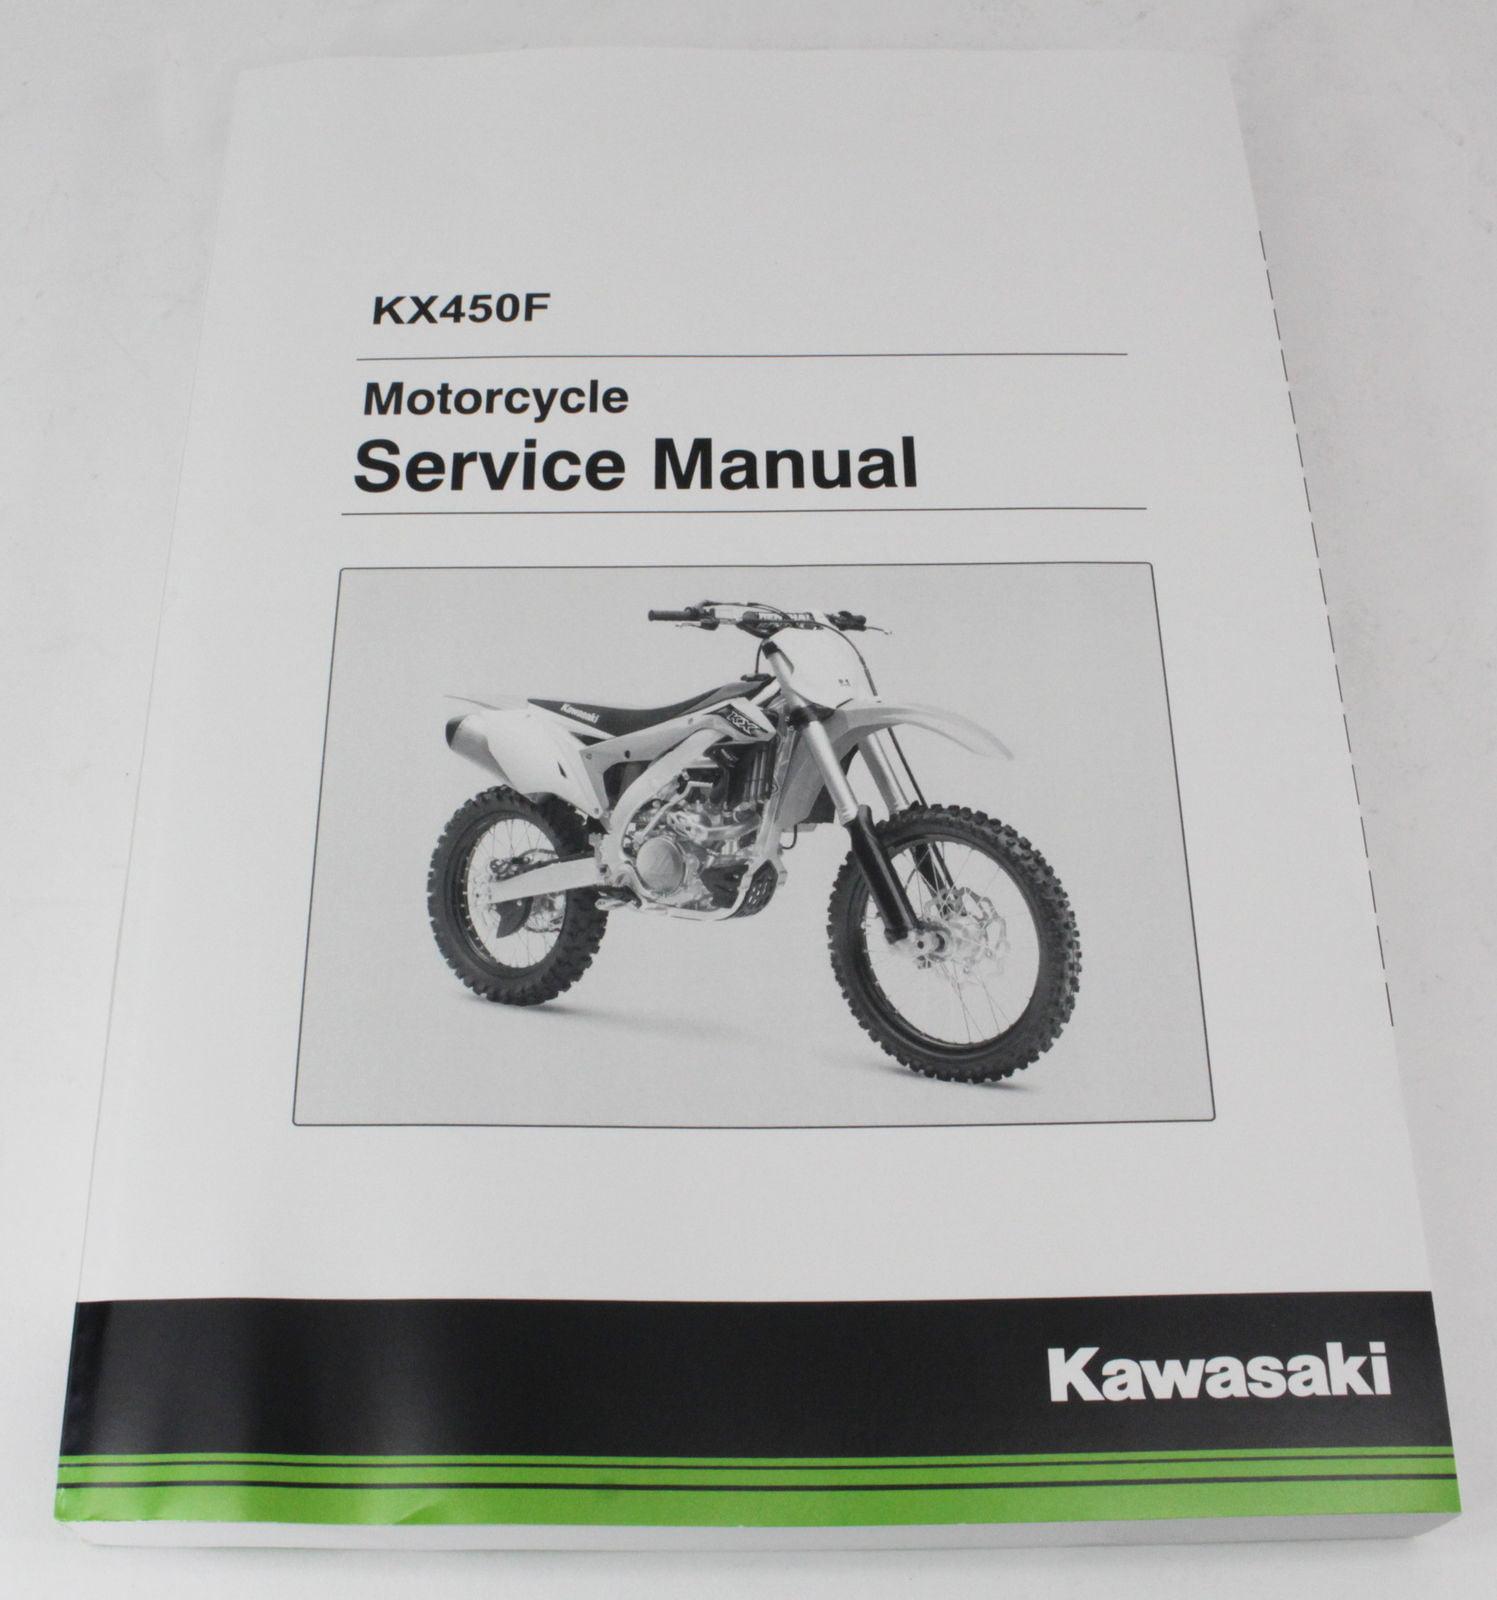 Kawasaki 2016-2018 Kx450f Kx450h Service Manual 99924-1502-03 New Oem -  Walmart.com